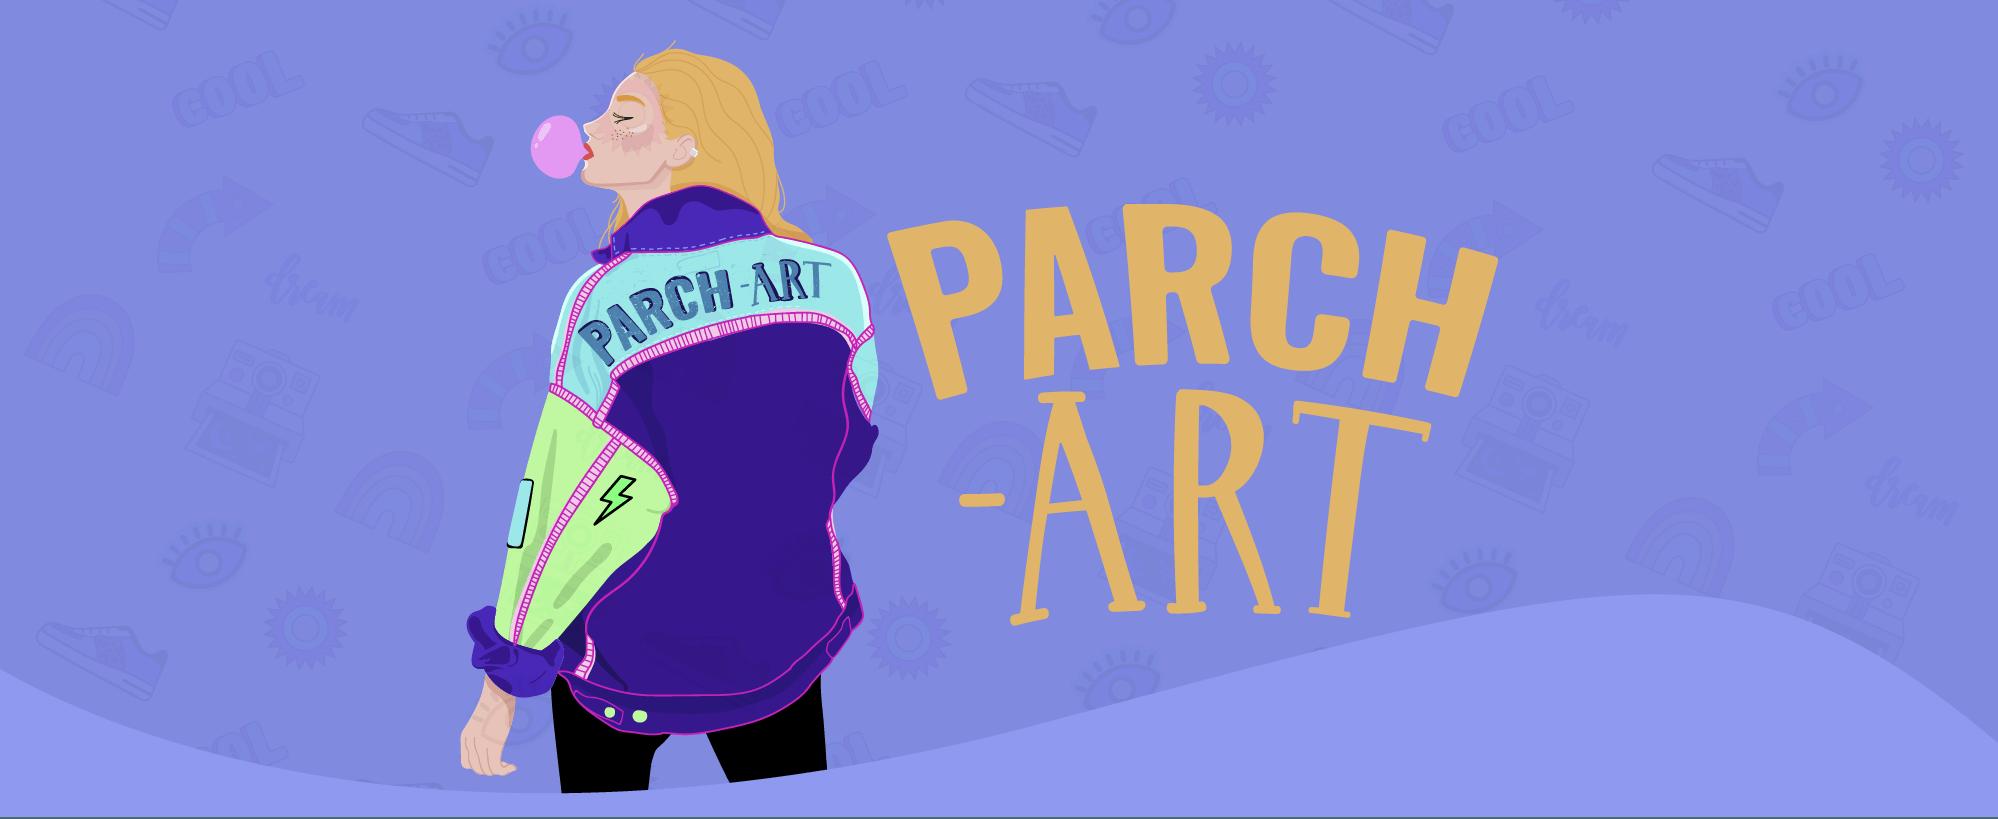 Parchart